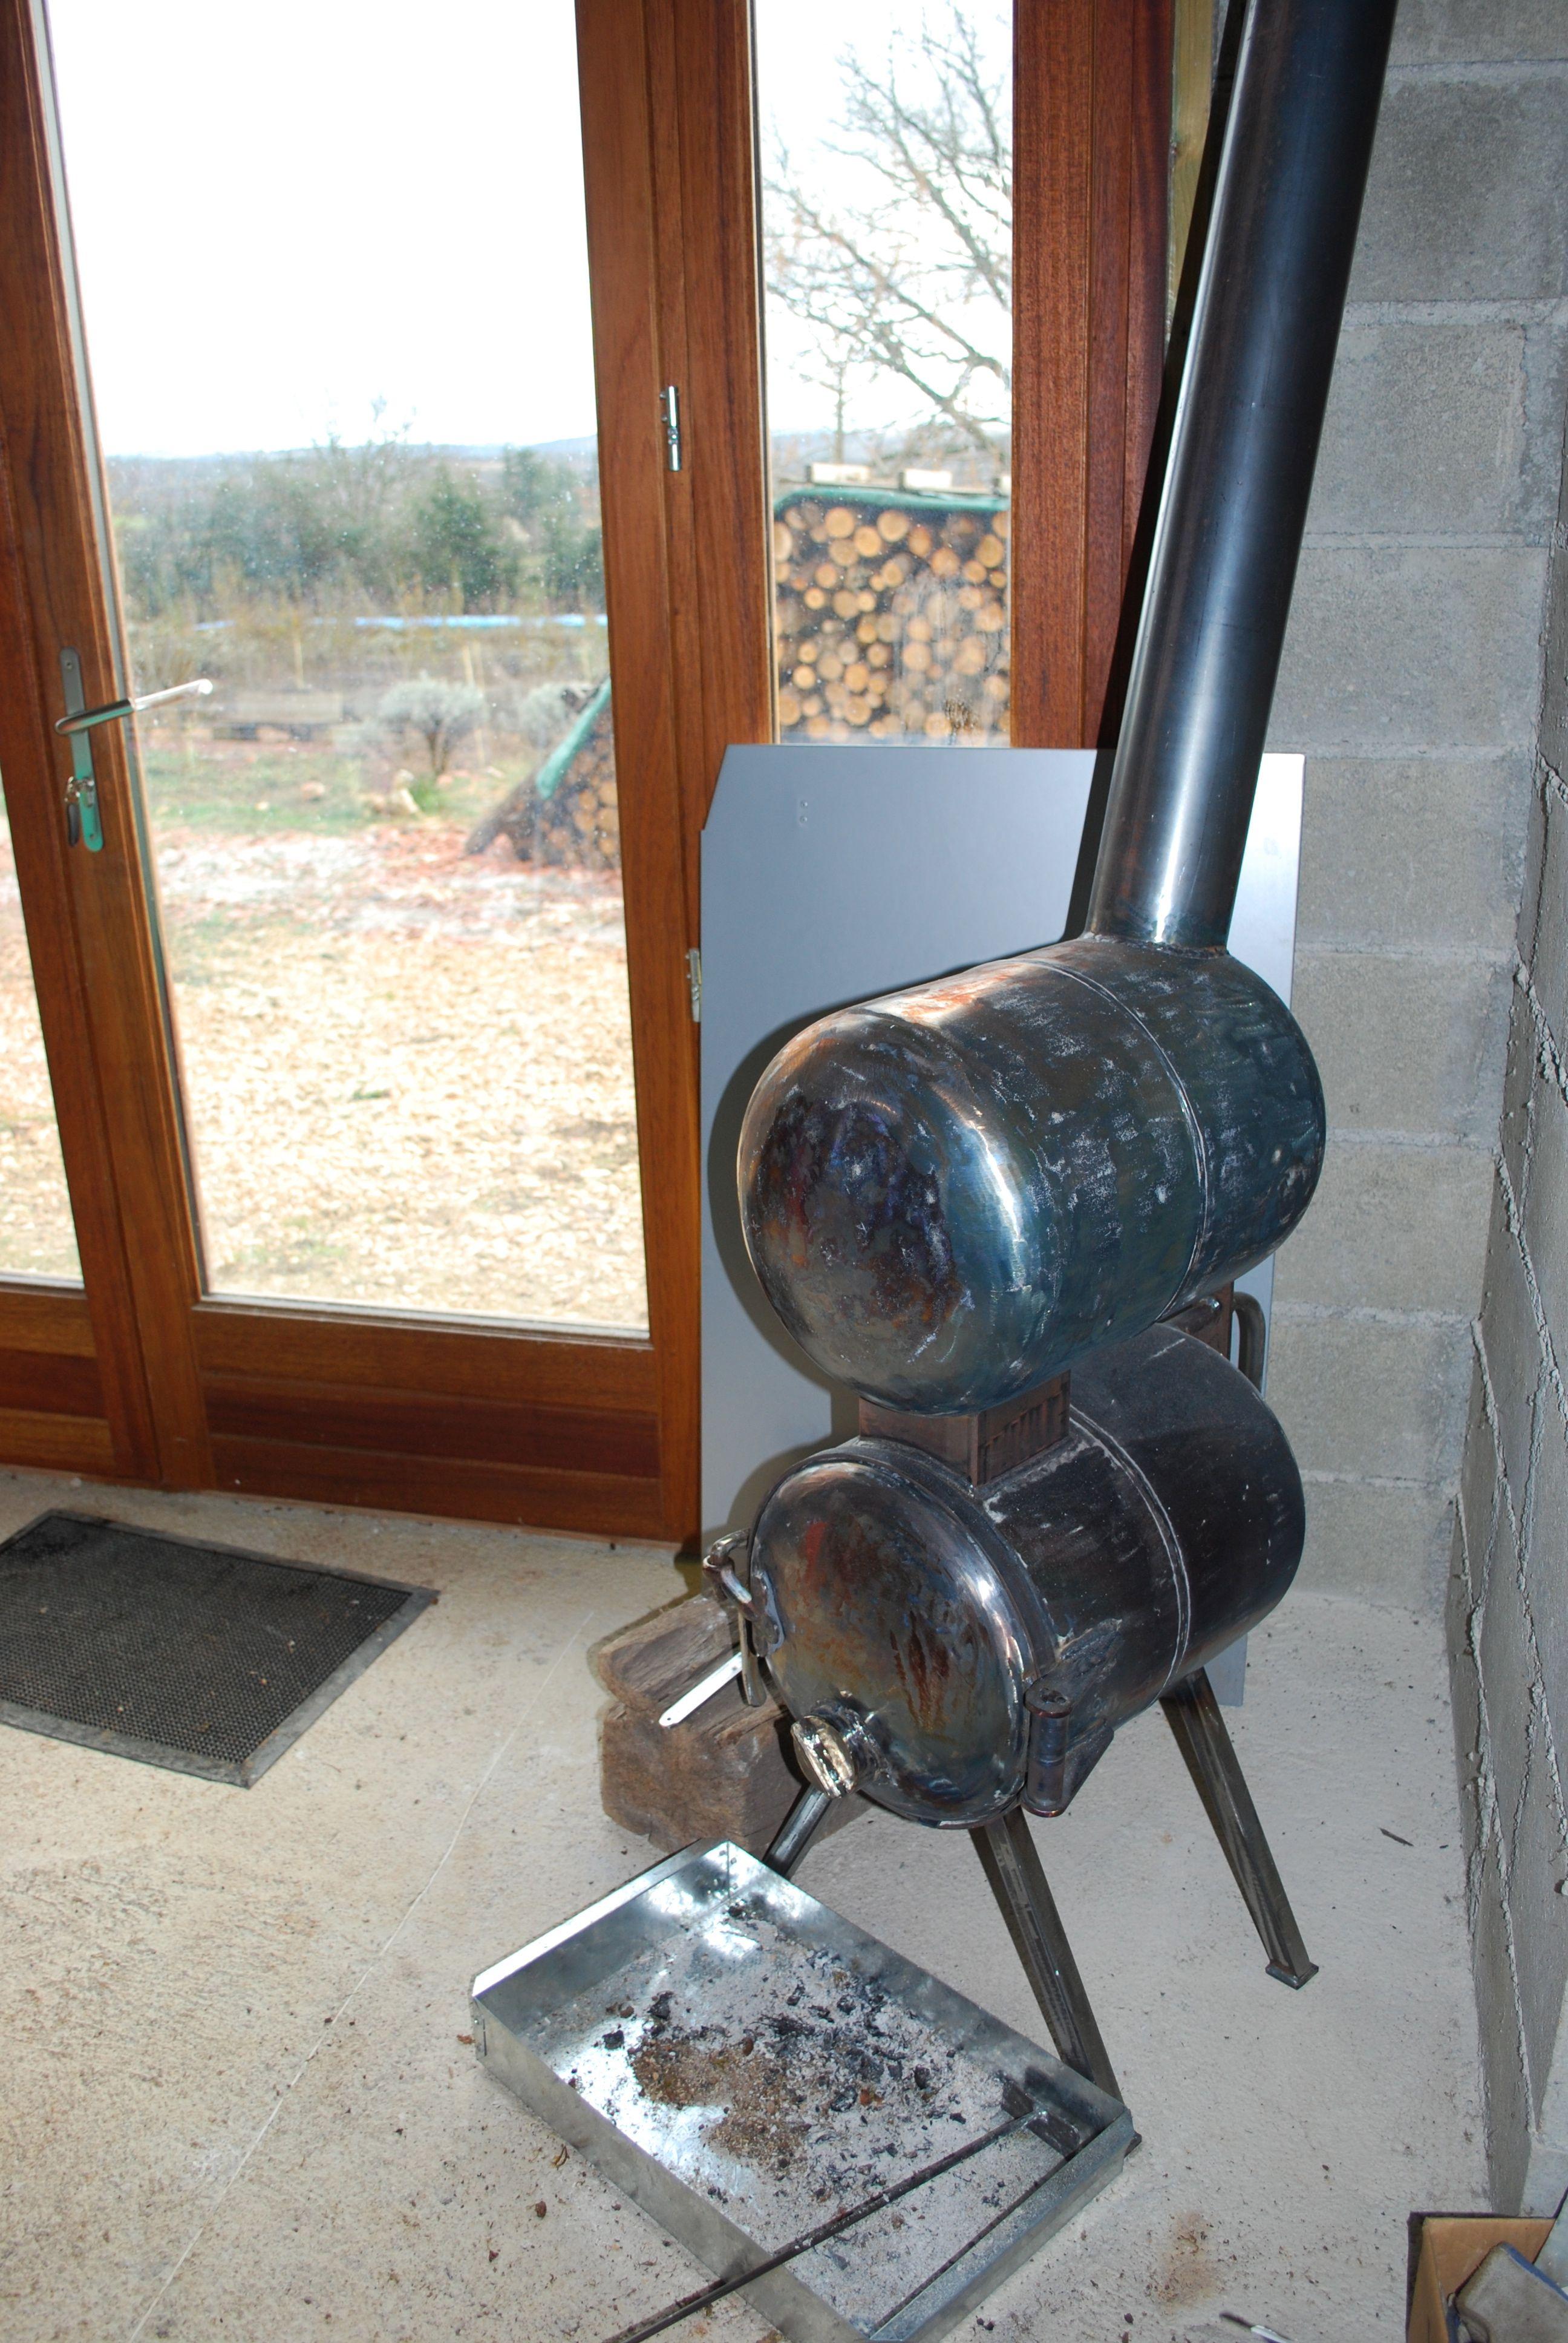 R 233 Sultat De Recherche D Images Pour Quot Gas Bottle Rocket